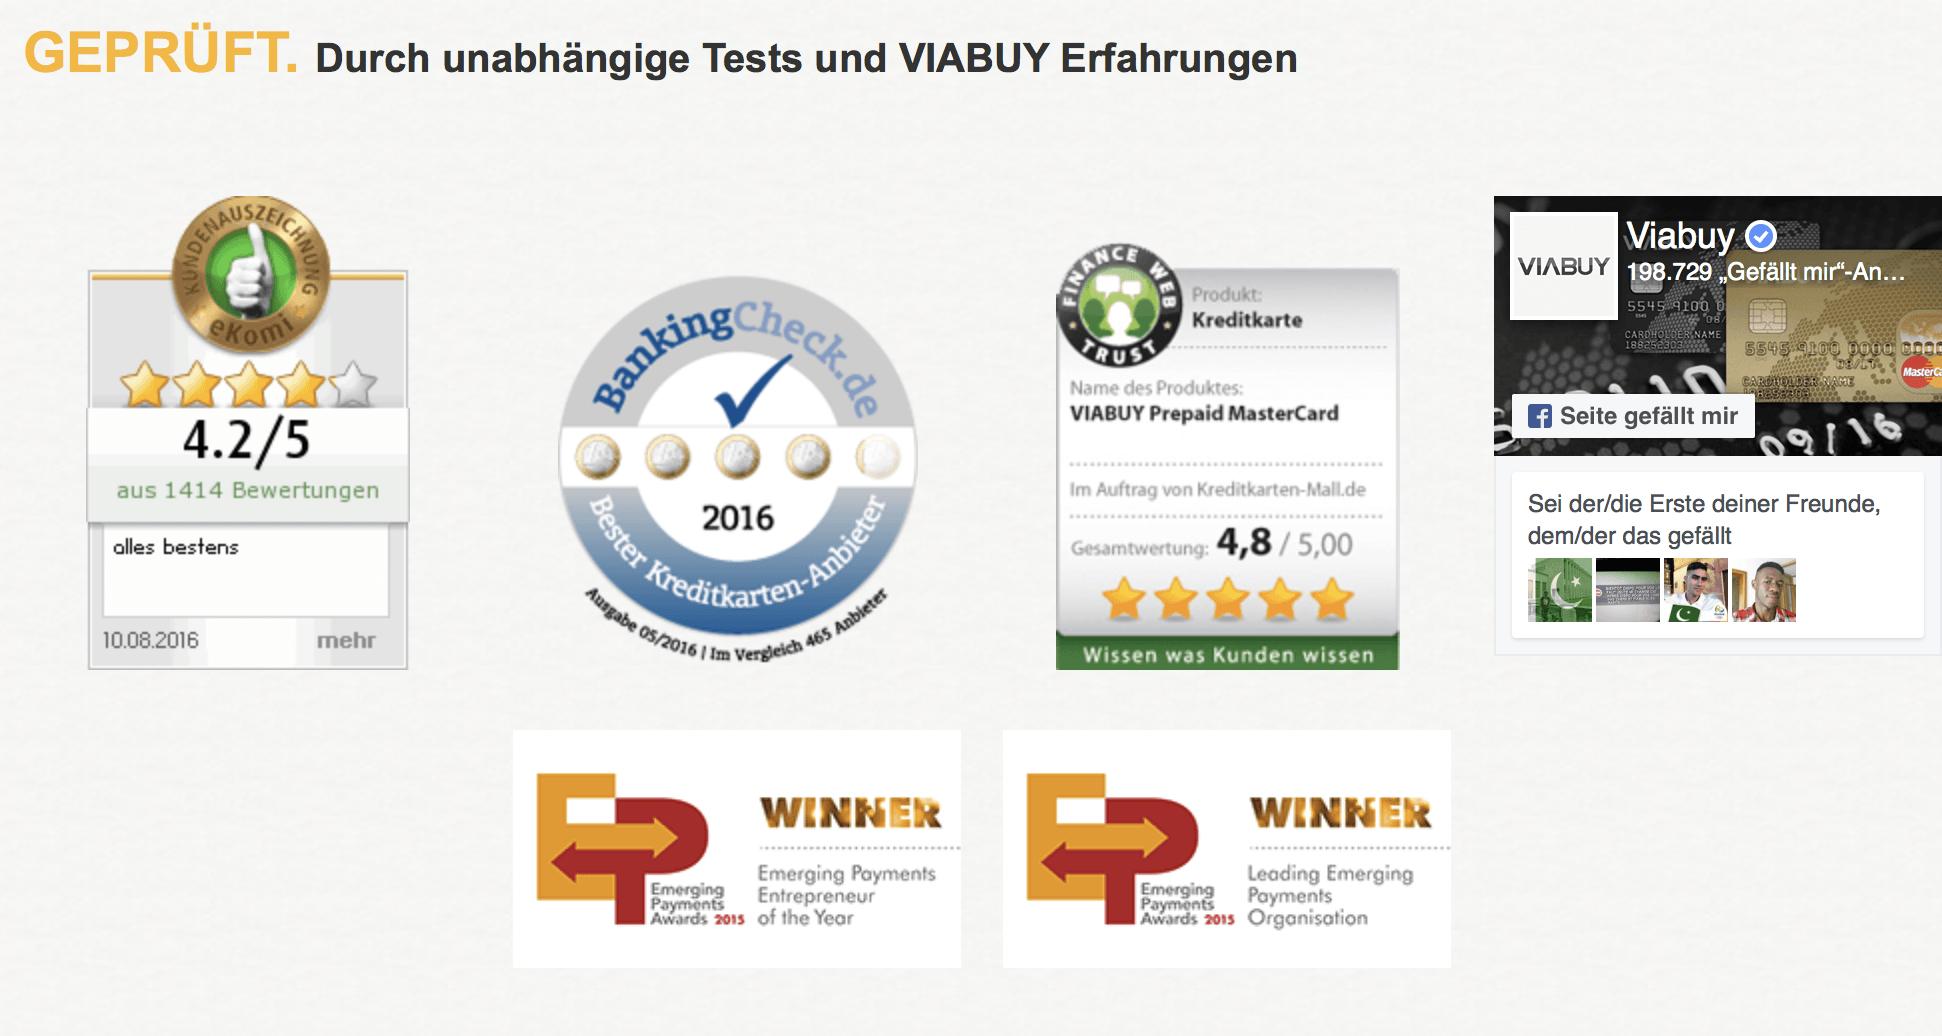 VIABUY: Im Rahmen unabhängiger Tests geprüft.